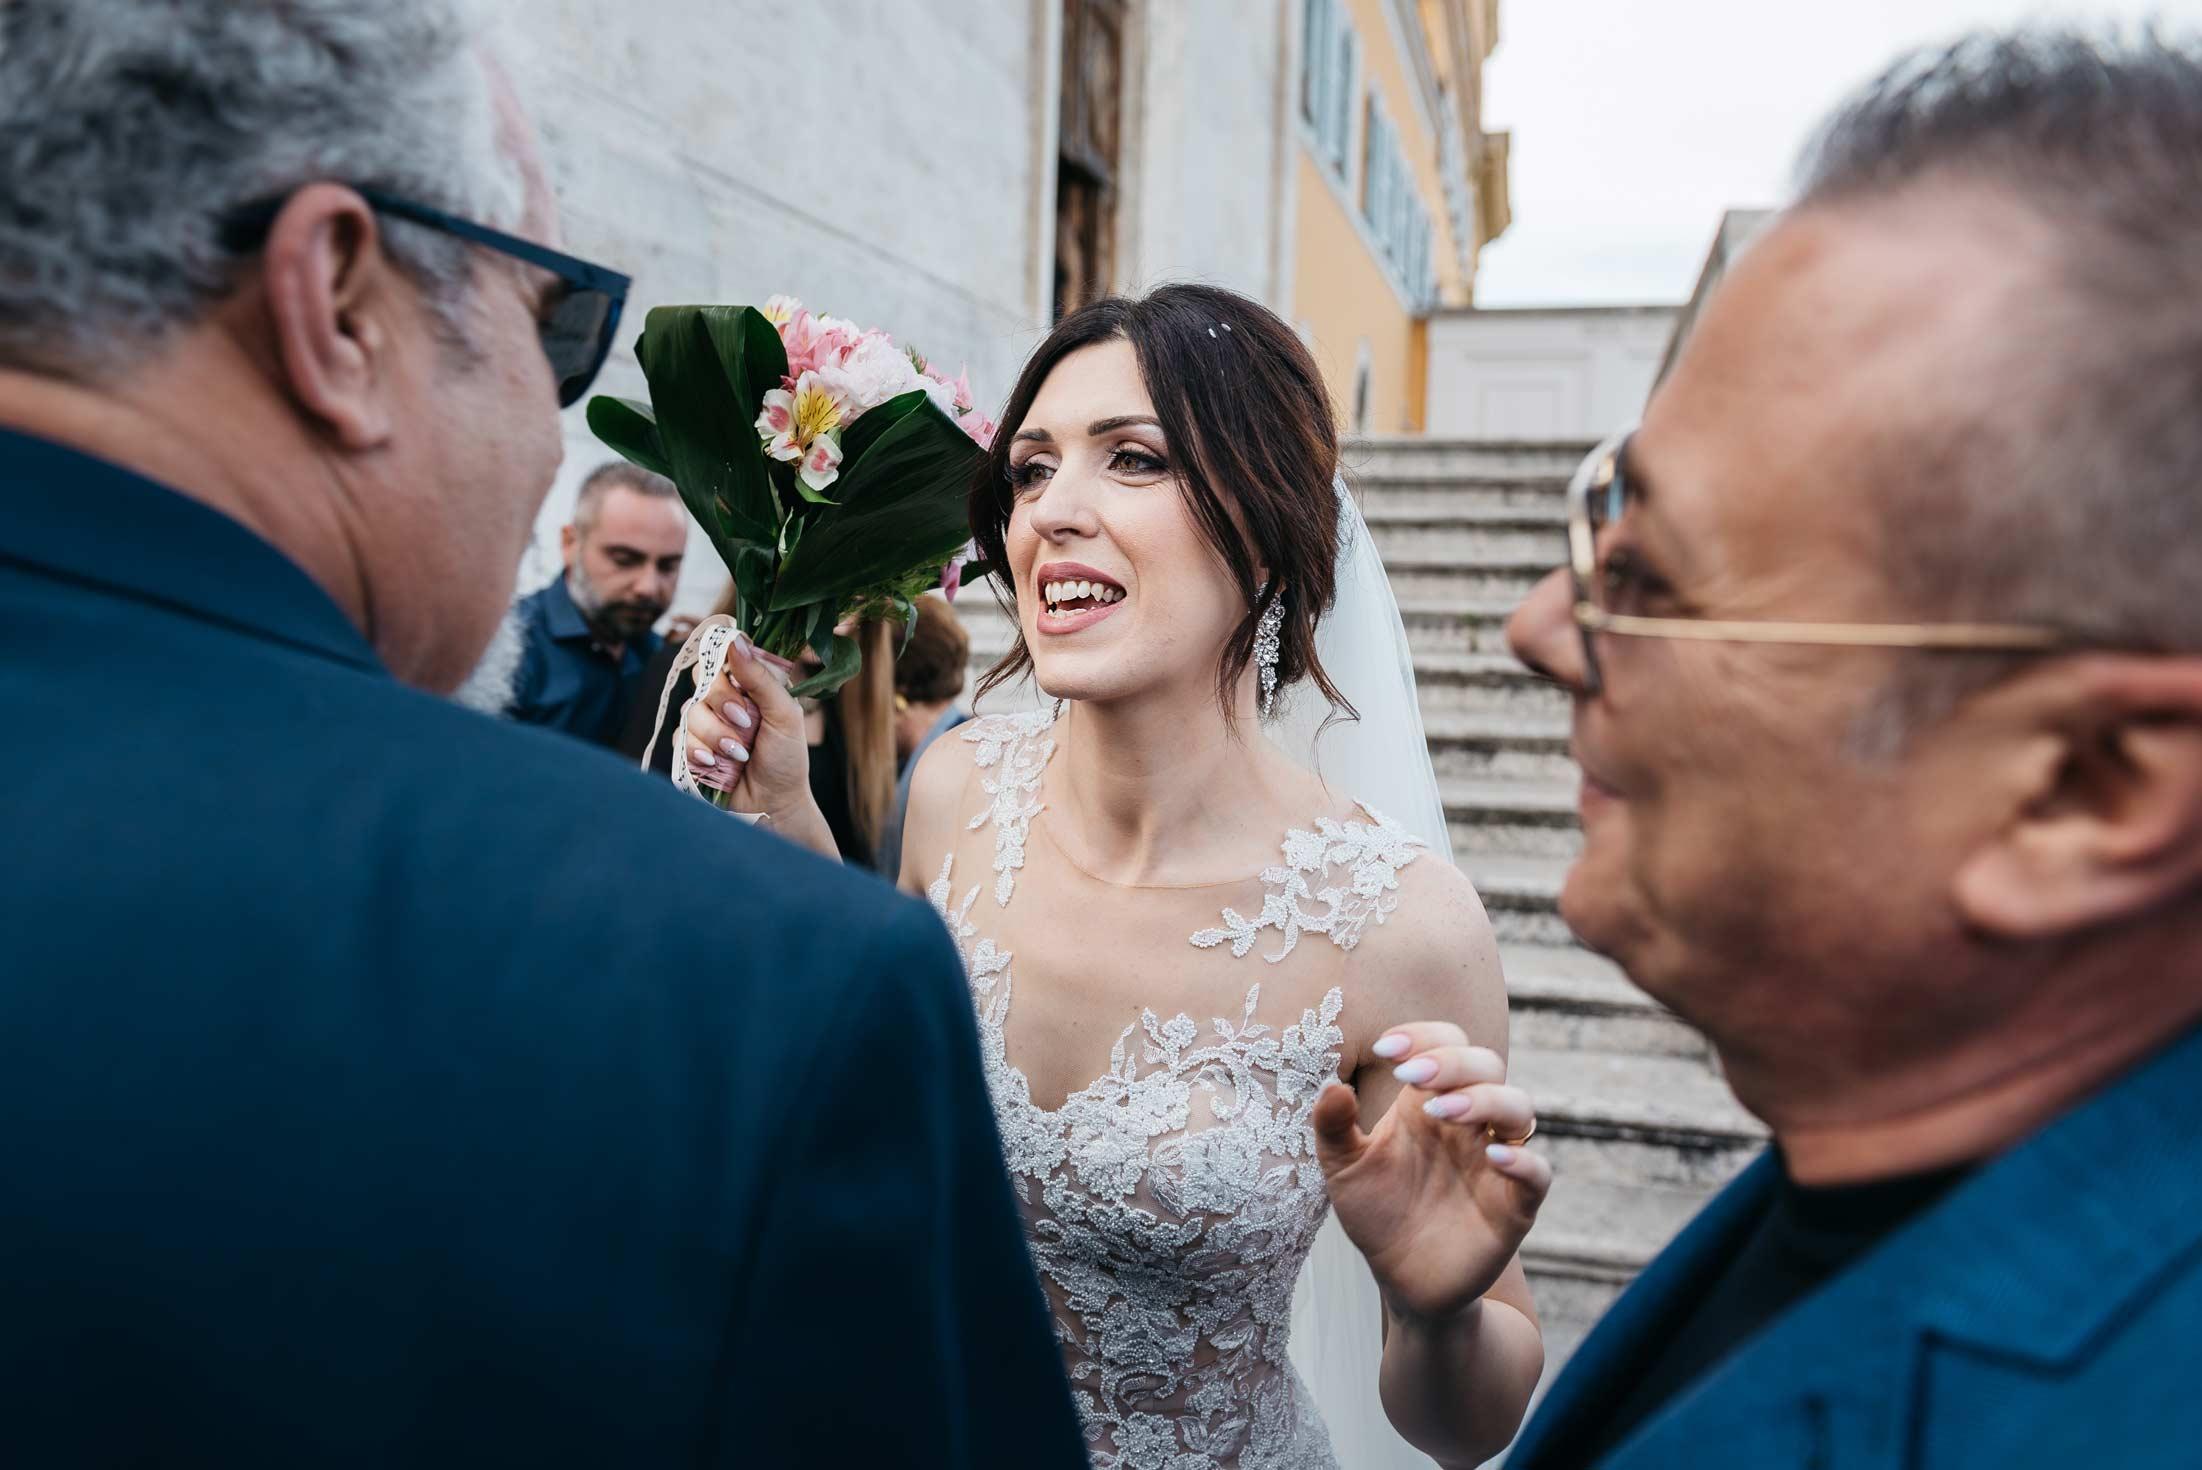 Fotografo-Sposi-Fotografi-Matrimonio-Roma-A&D